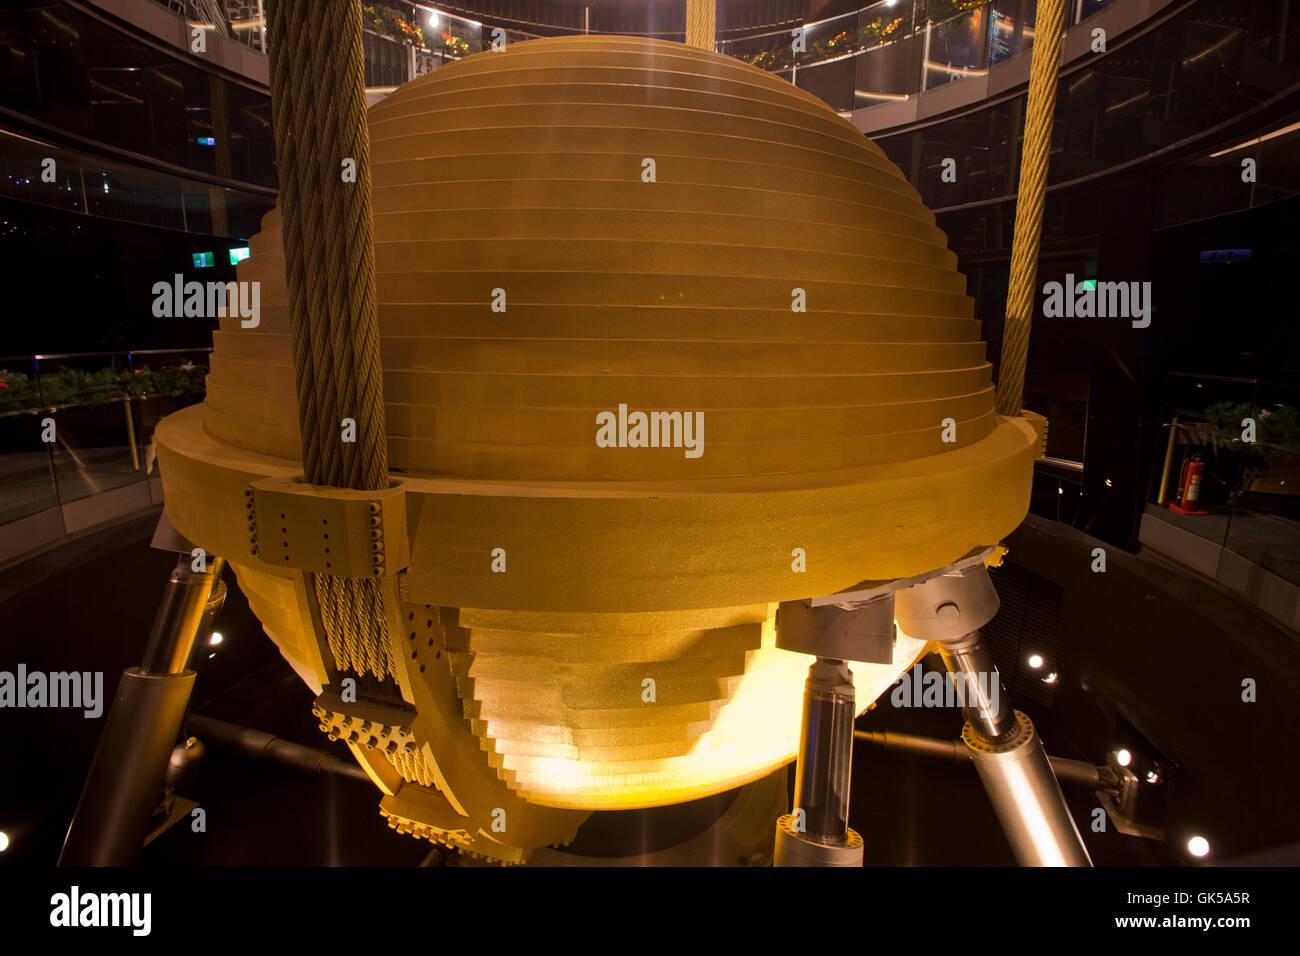 Damper taipei 101 stockfotos damper taipei 101 bilder for Taipei tower ball